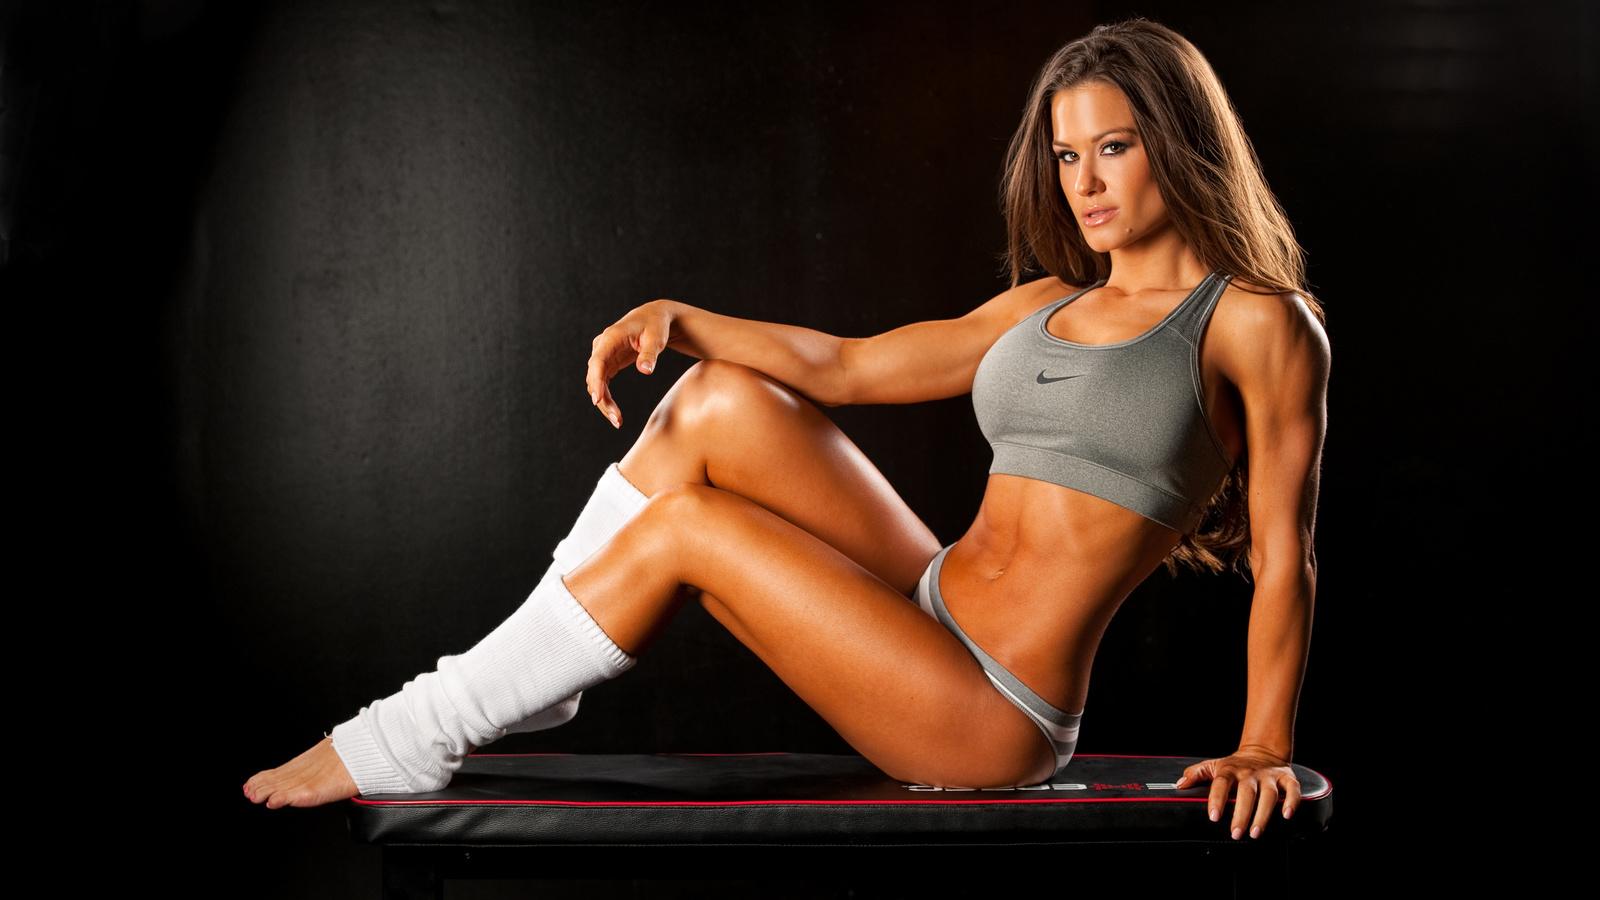 девушка, brooke adams, тело, грудь, ножки, спорт